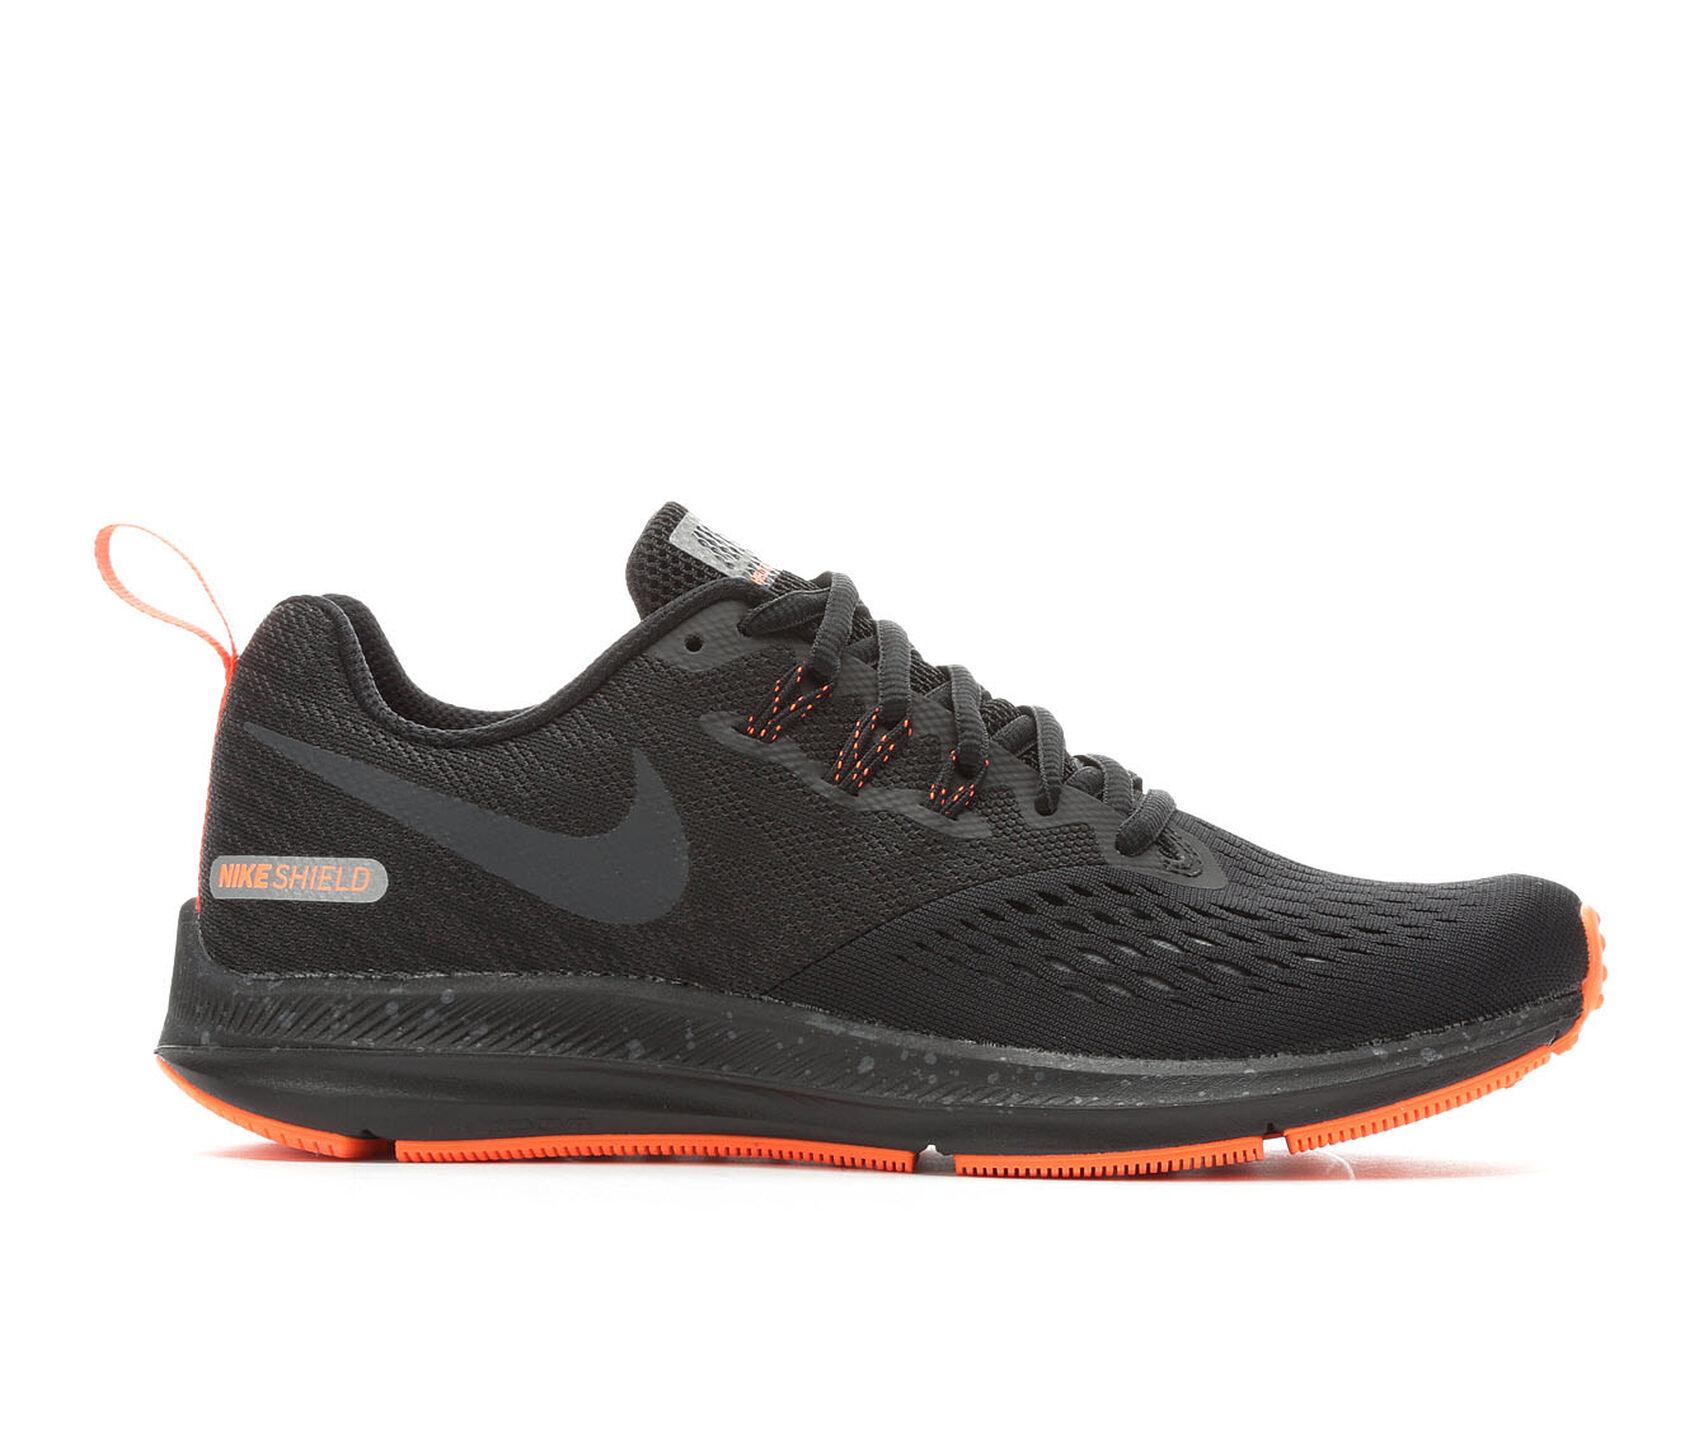 cec89955c467 Women s Nike Zoom Winflo 4 Shield Running Shoes